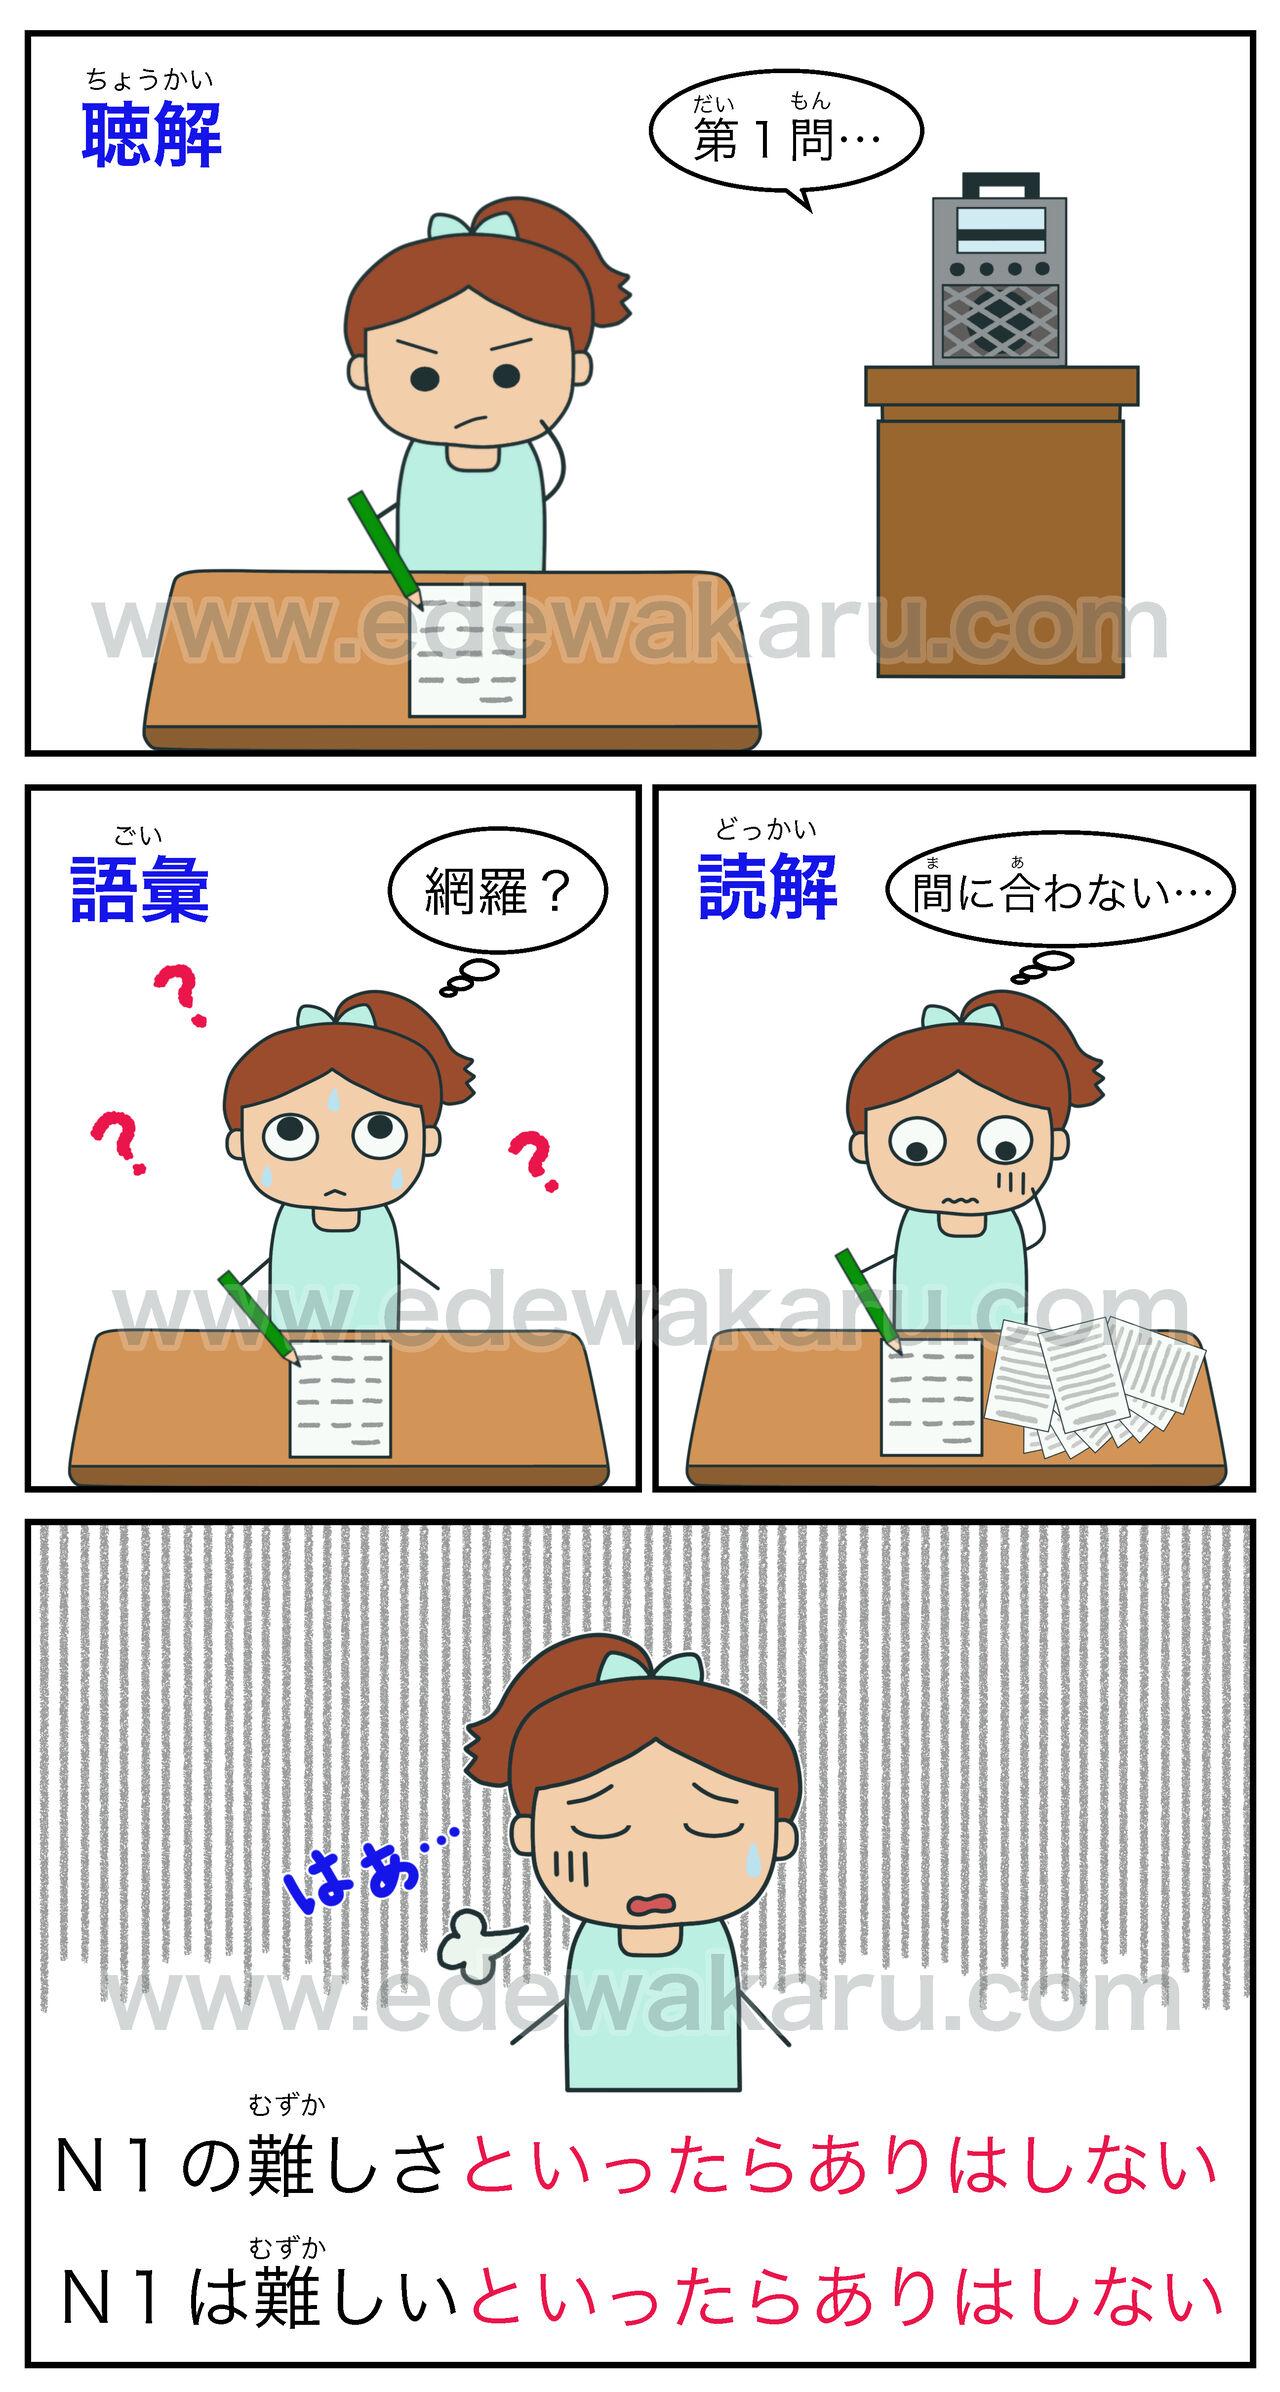 といったらありはしない・〜といったらありゃしない 日本語能力試験 ...